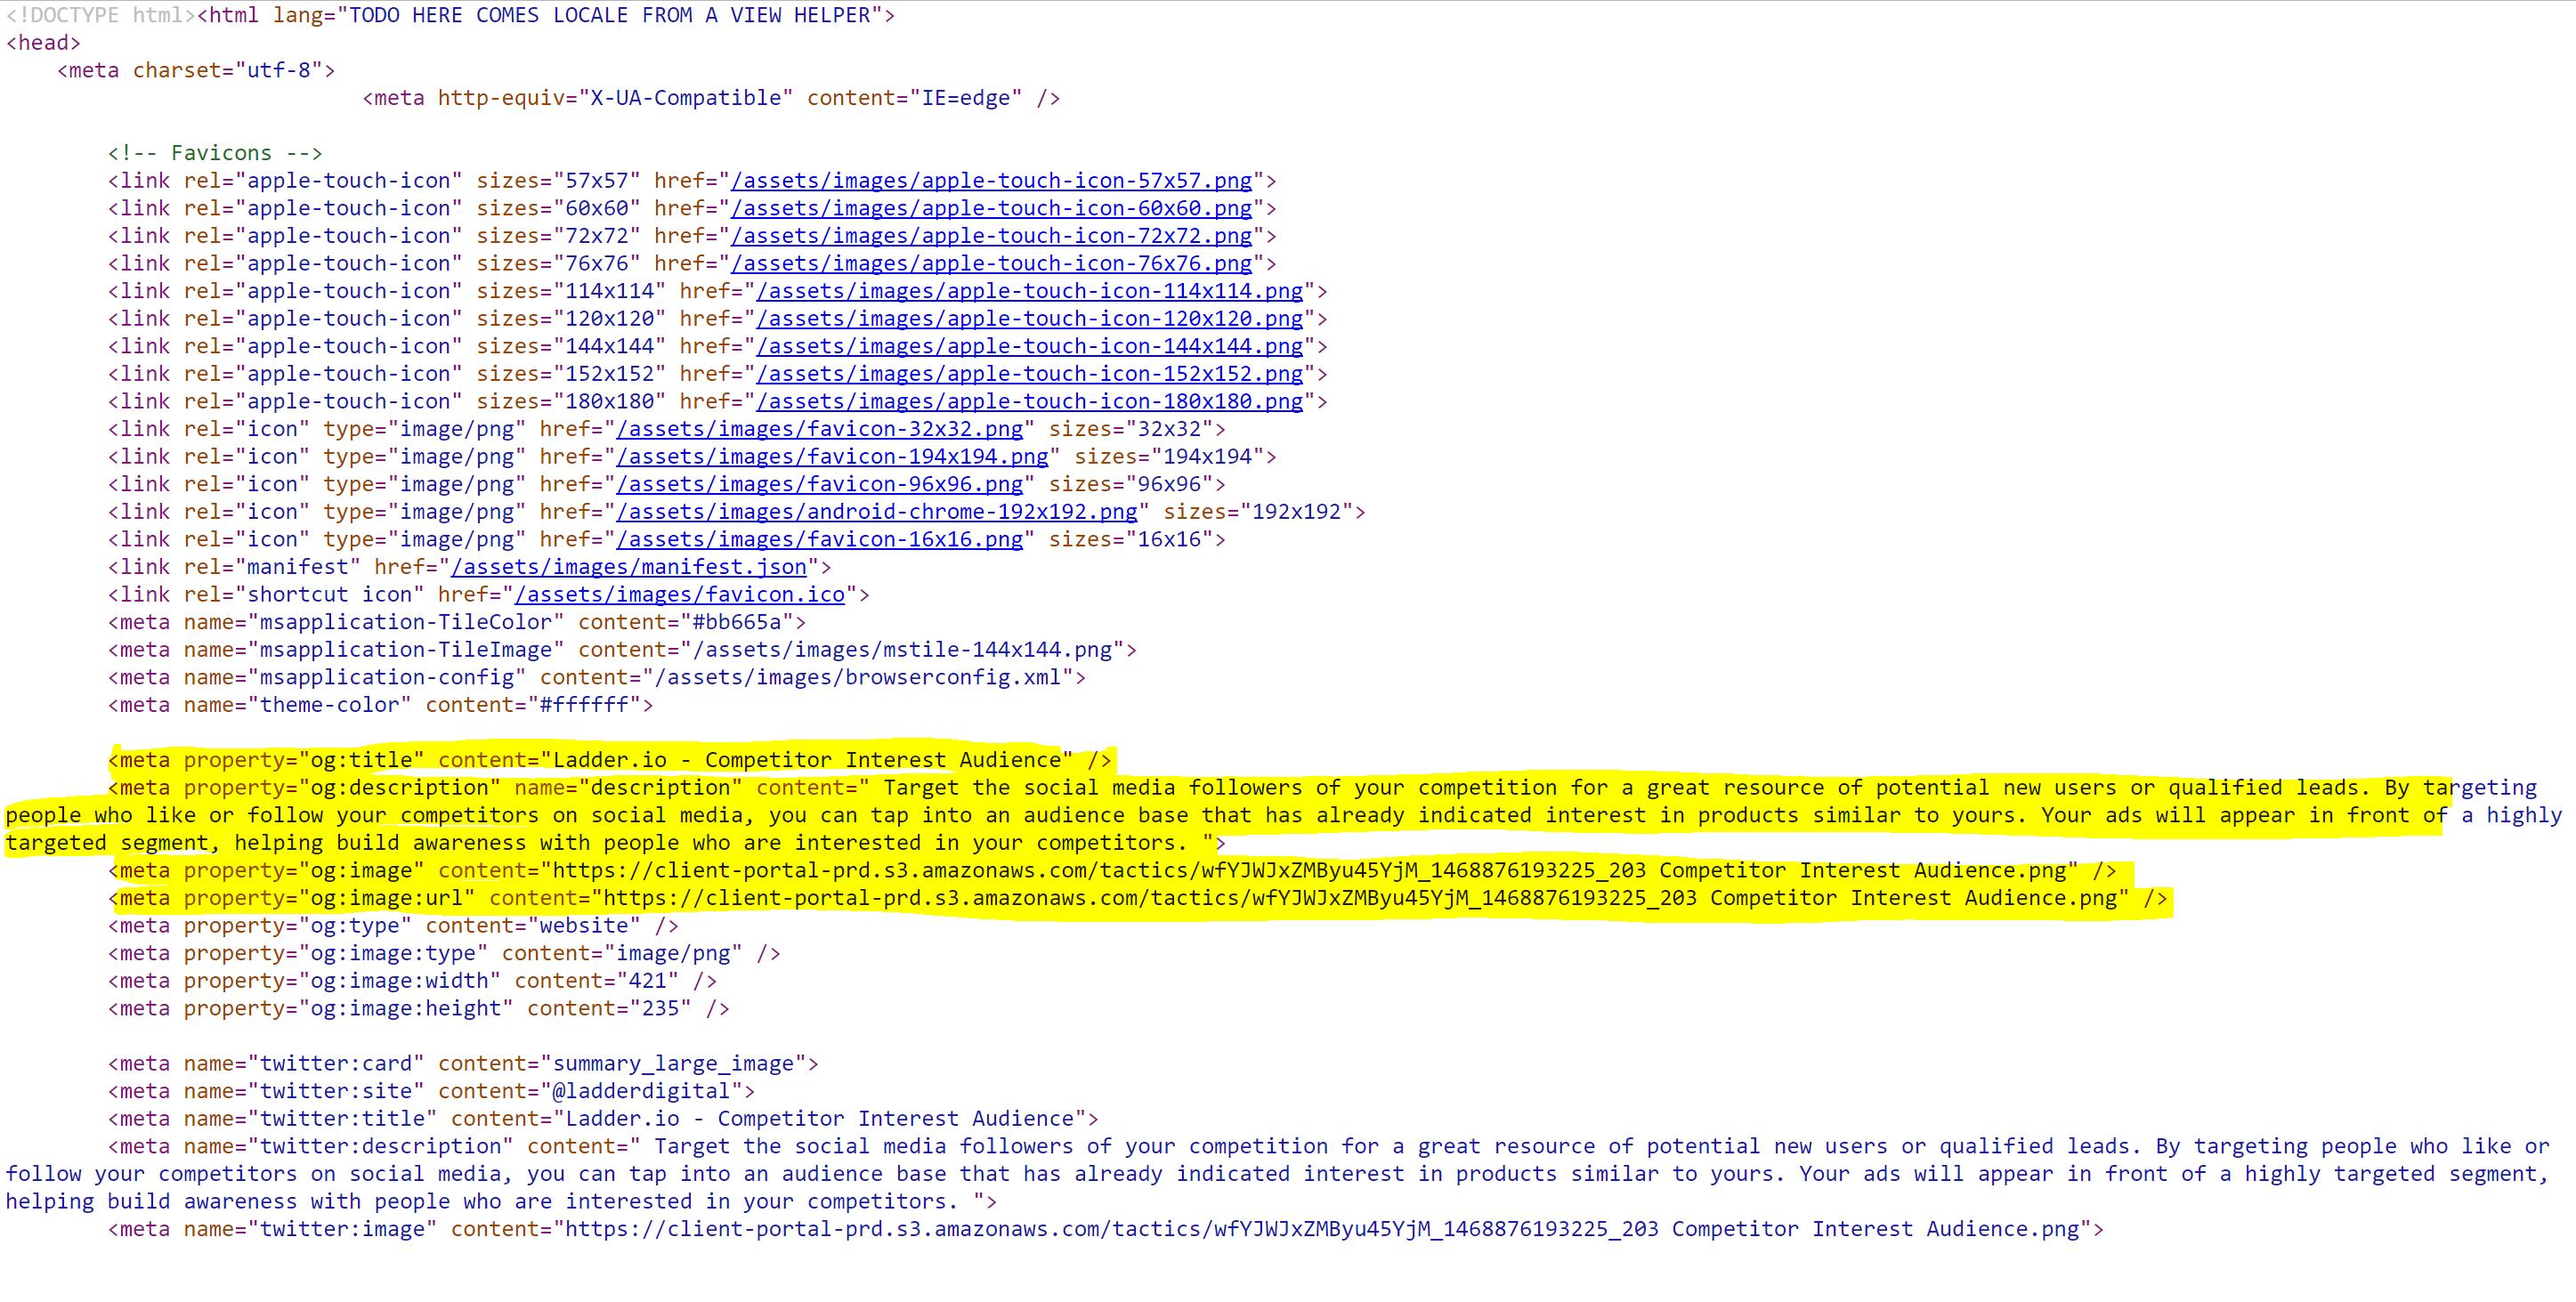 site code